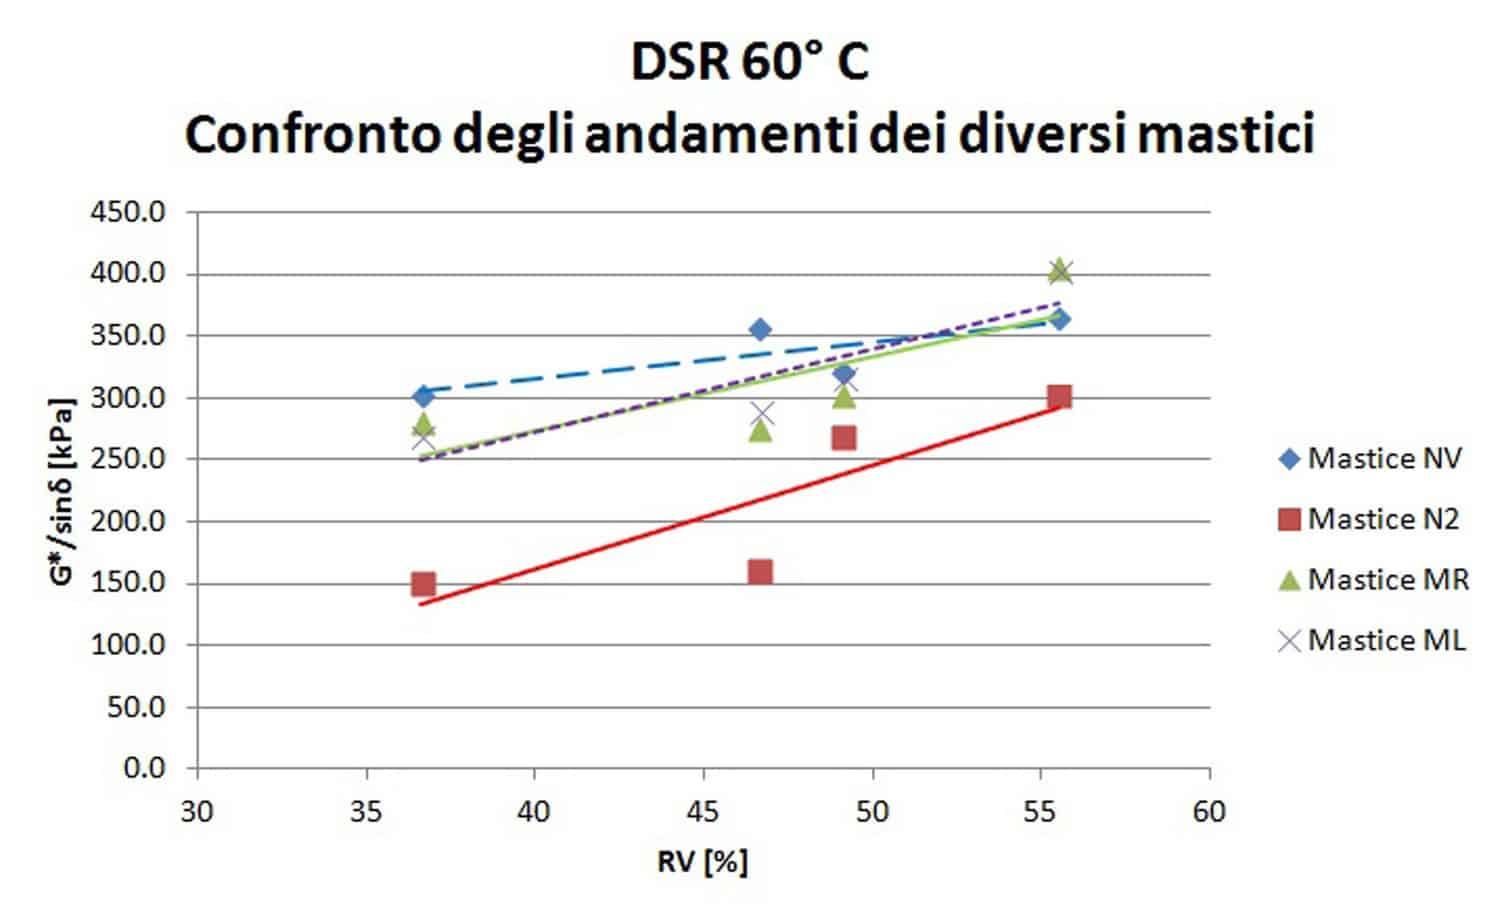 La relazione tra RV e risultati del test DSR a 60 °C e 25 °C